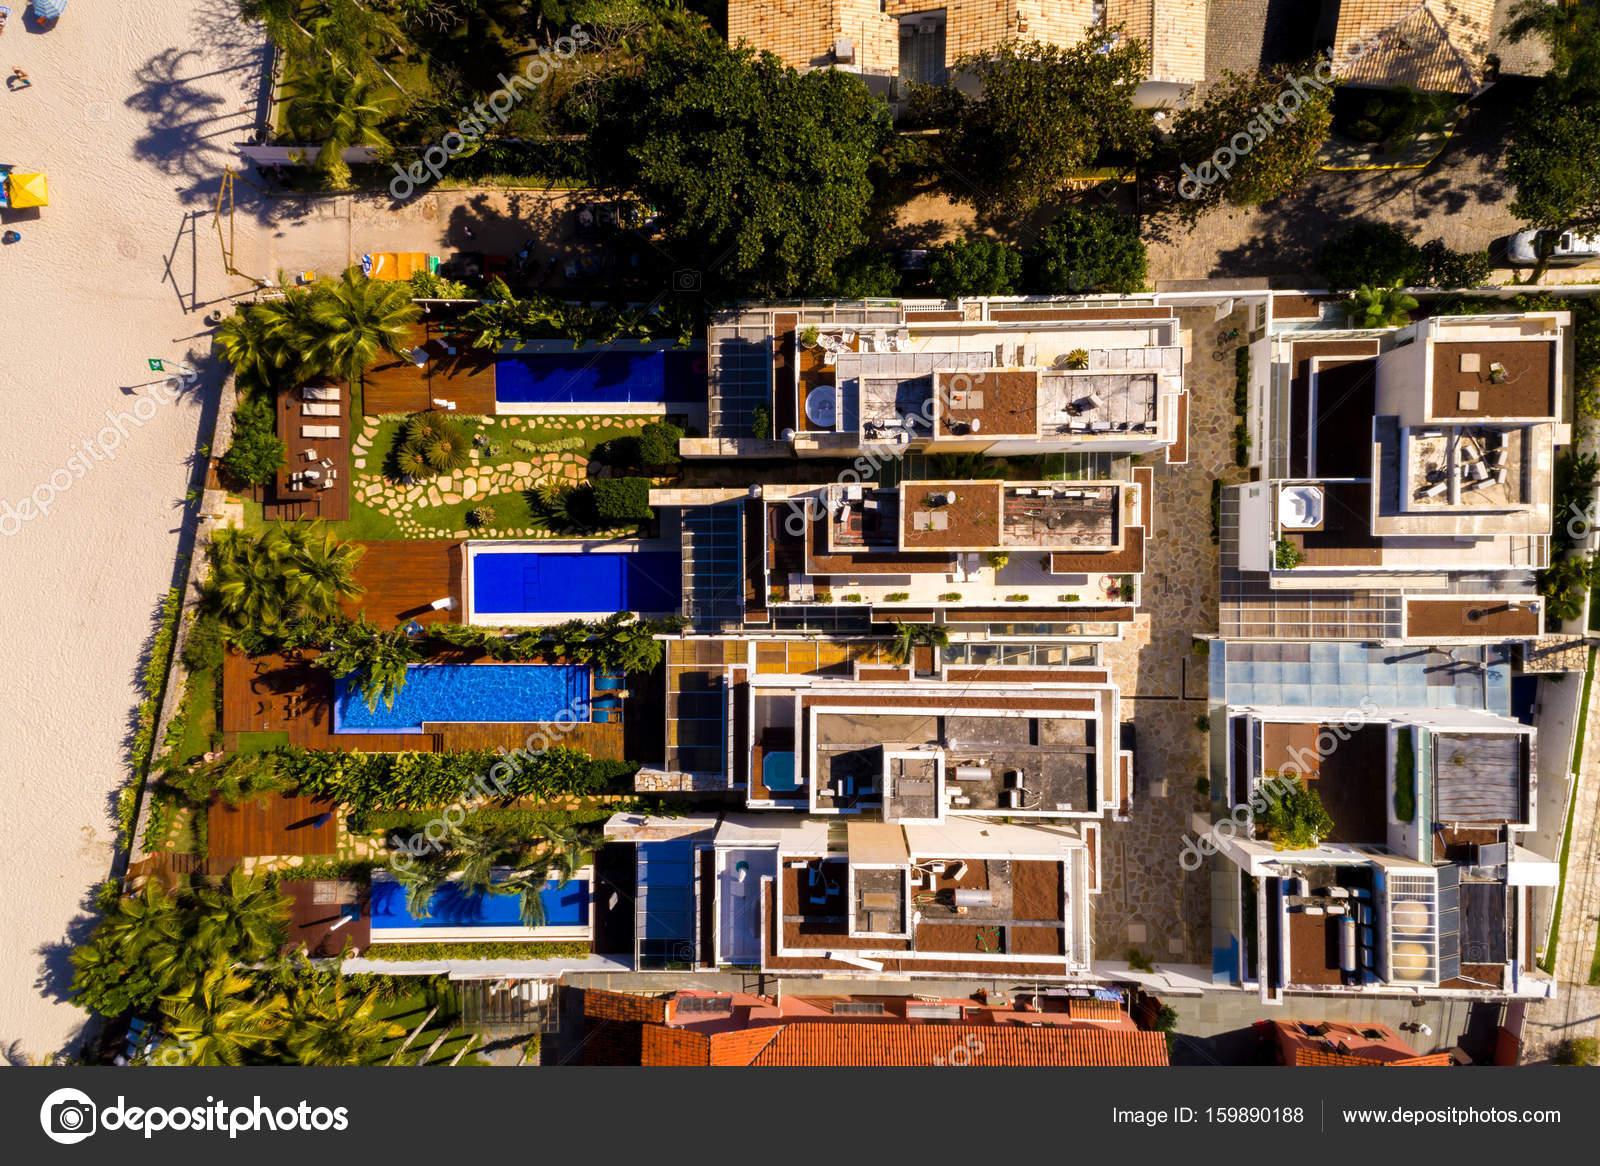 Luxury Homes In Beachfront U2014 Stock Photo